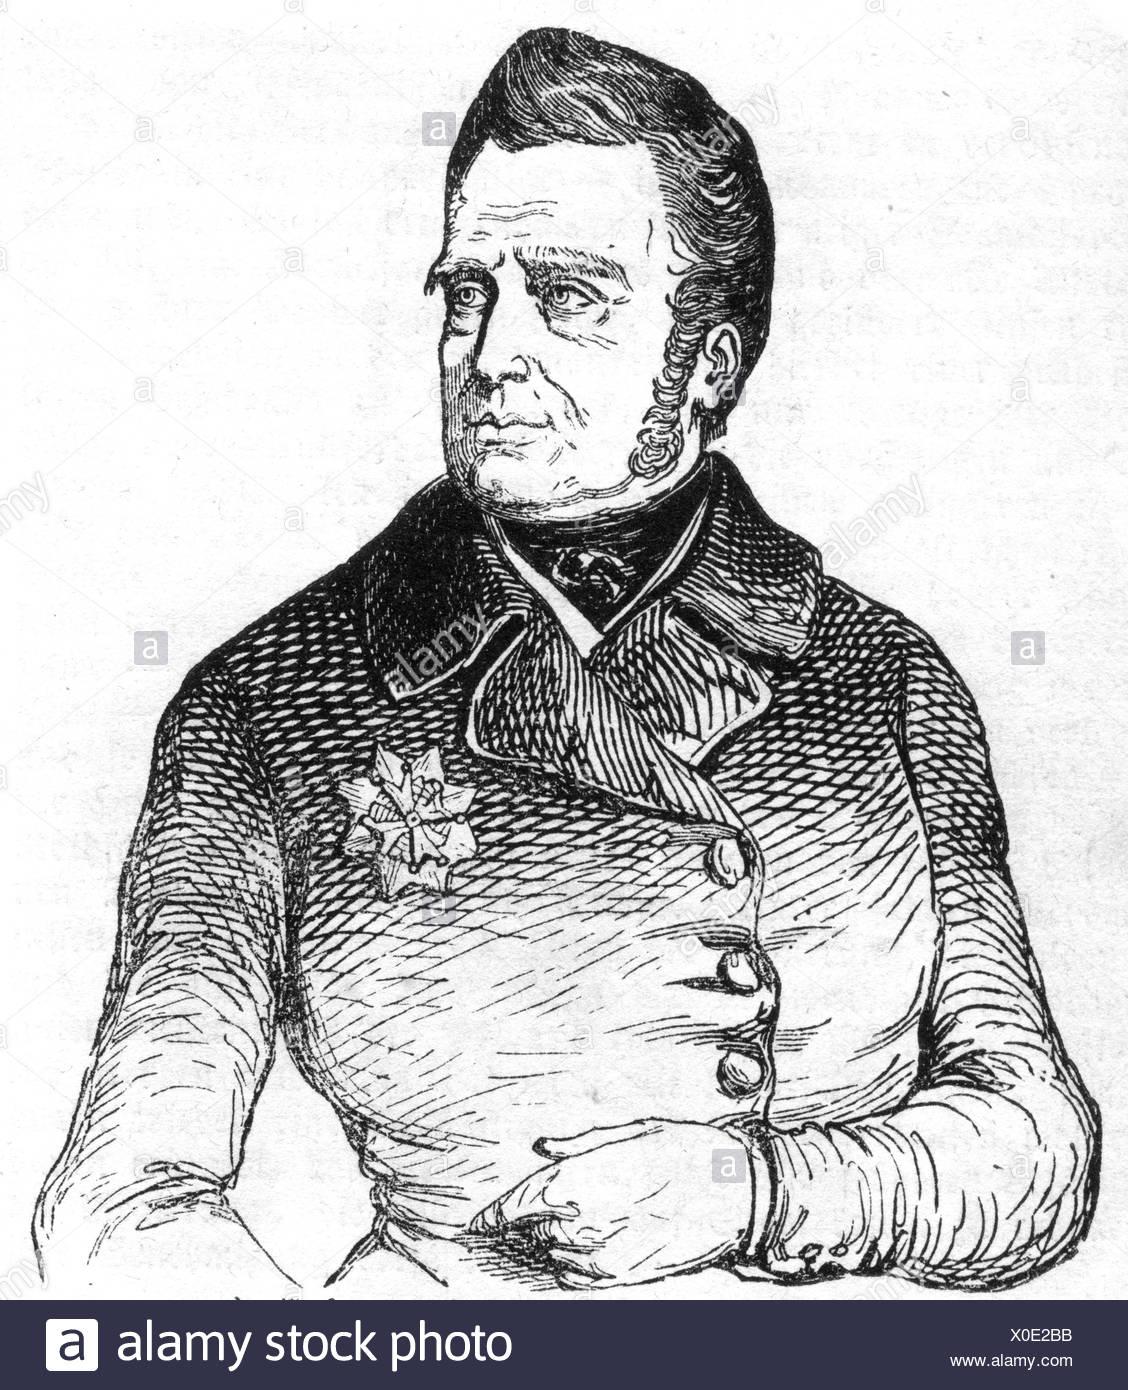 Guillermo I, 24.8.1772 - 12.12.1843, Rey de los Países Bajos 16.3.1814 - 7.10.1840, de longitud media, grabado, 1844, , Additional-Rights-juegos-NA Imagen De Stock